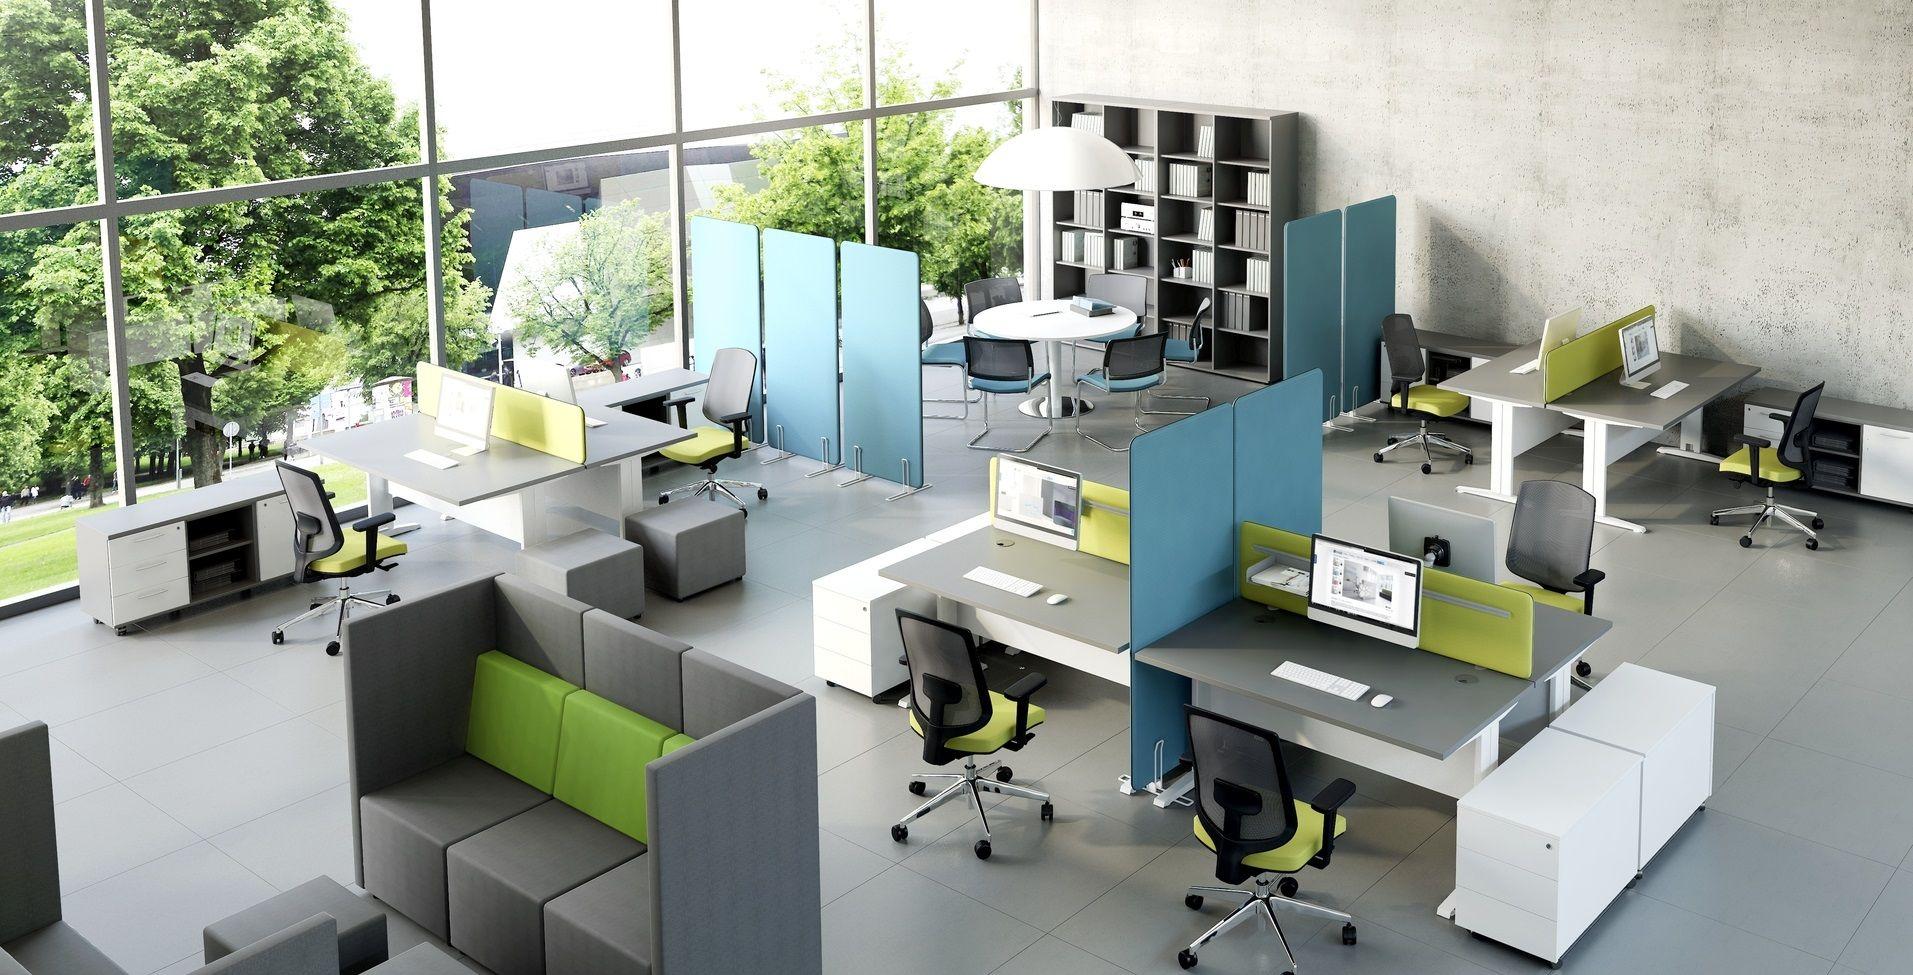 Open Floor Plan Office FurnitureFloorHome Plans Ideas Picture - Open office furniture